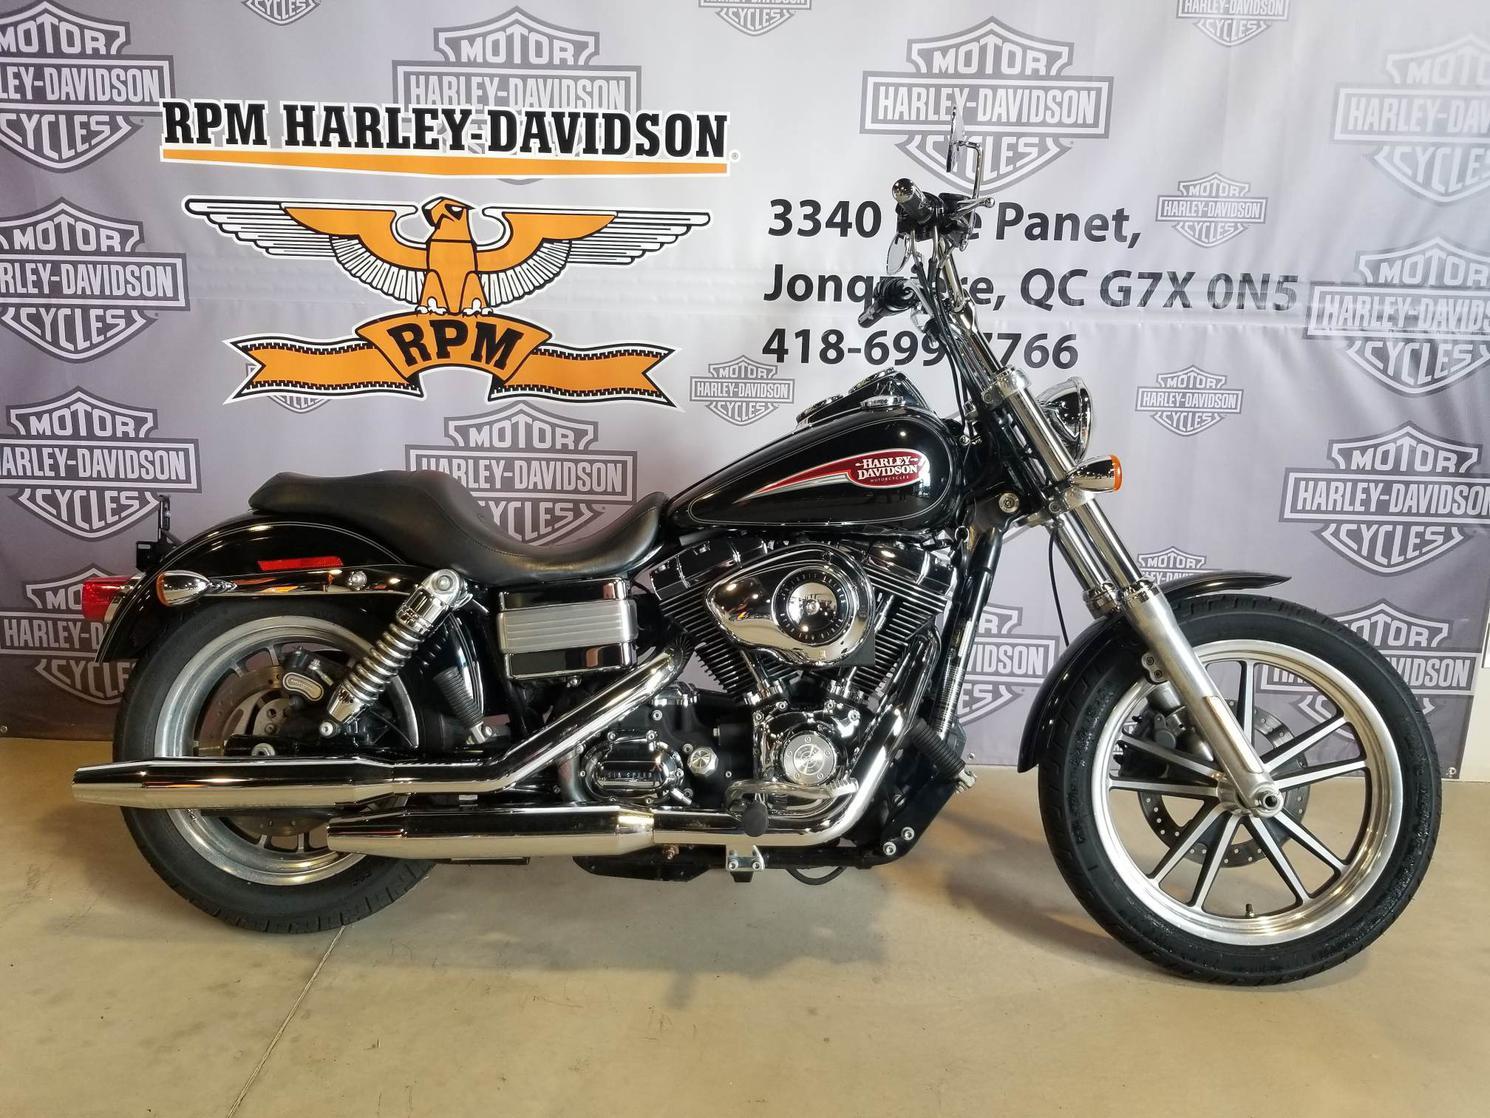 K303098 Harley-Davidson Dyna Low Rider 2008